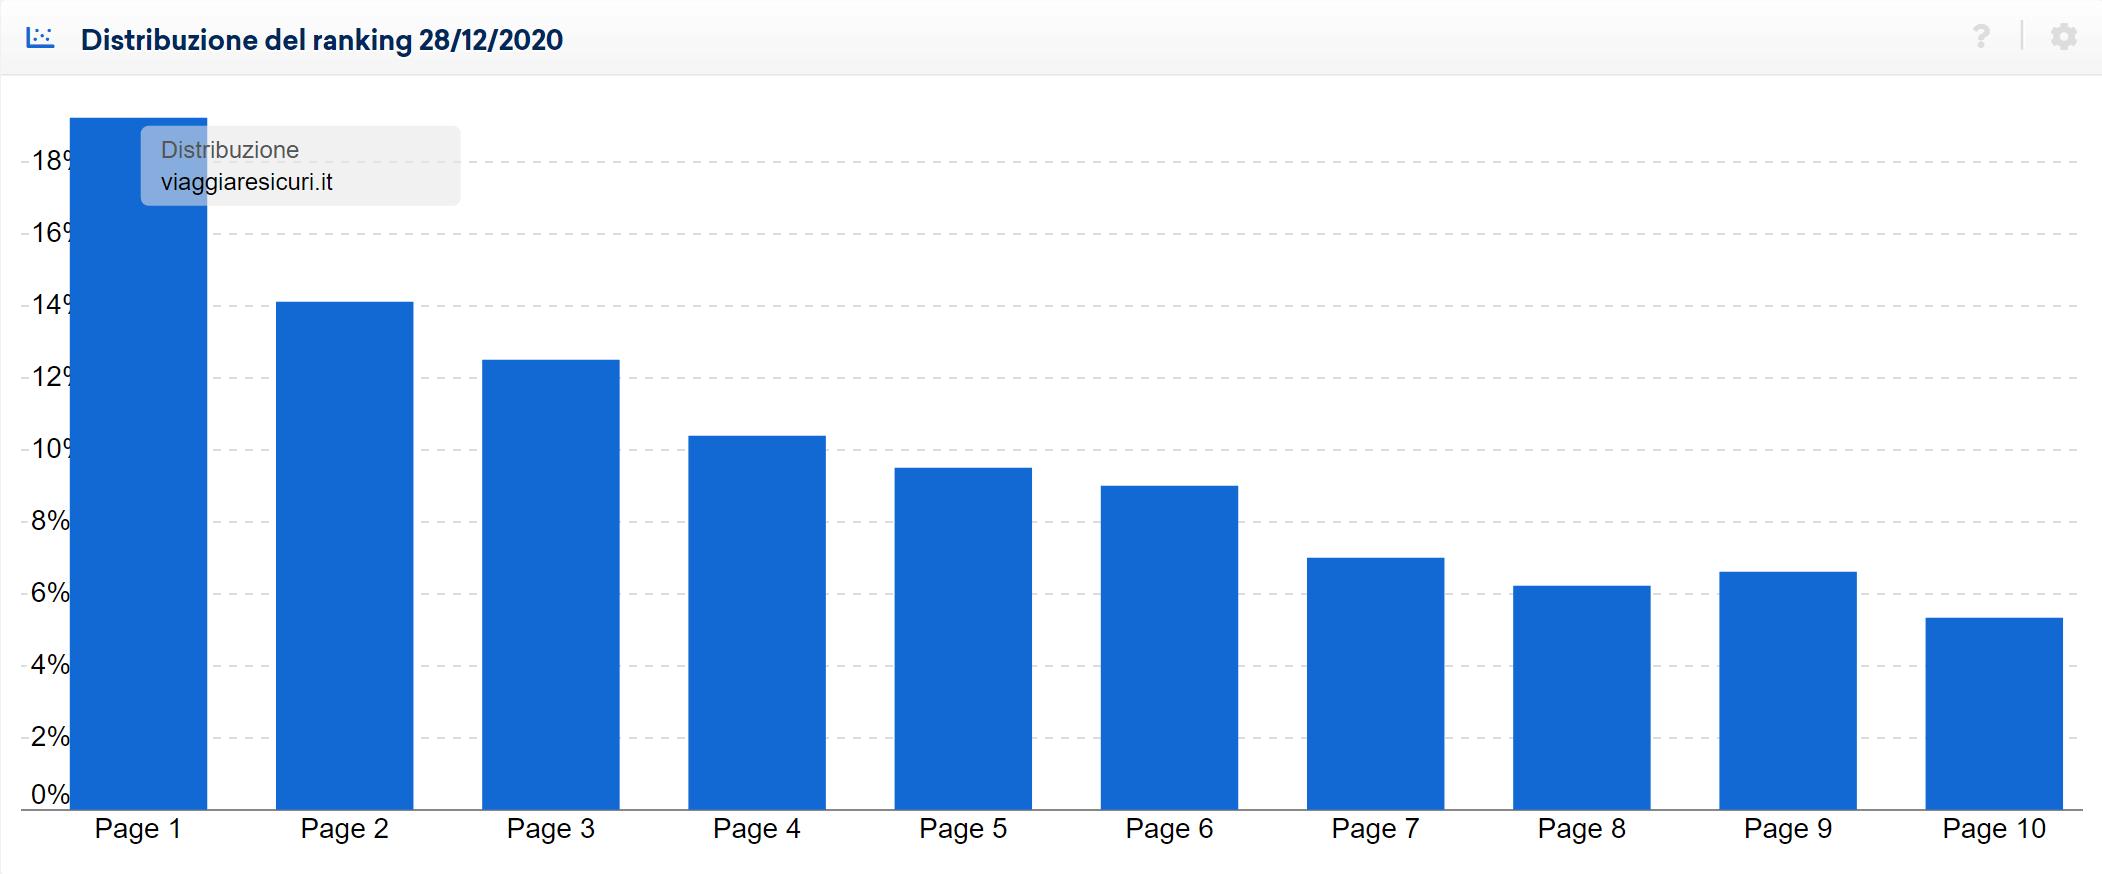 Distribuzione del ranking di viaggiaresicuri.it in data 28 dicembre 2020